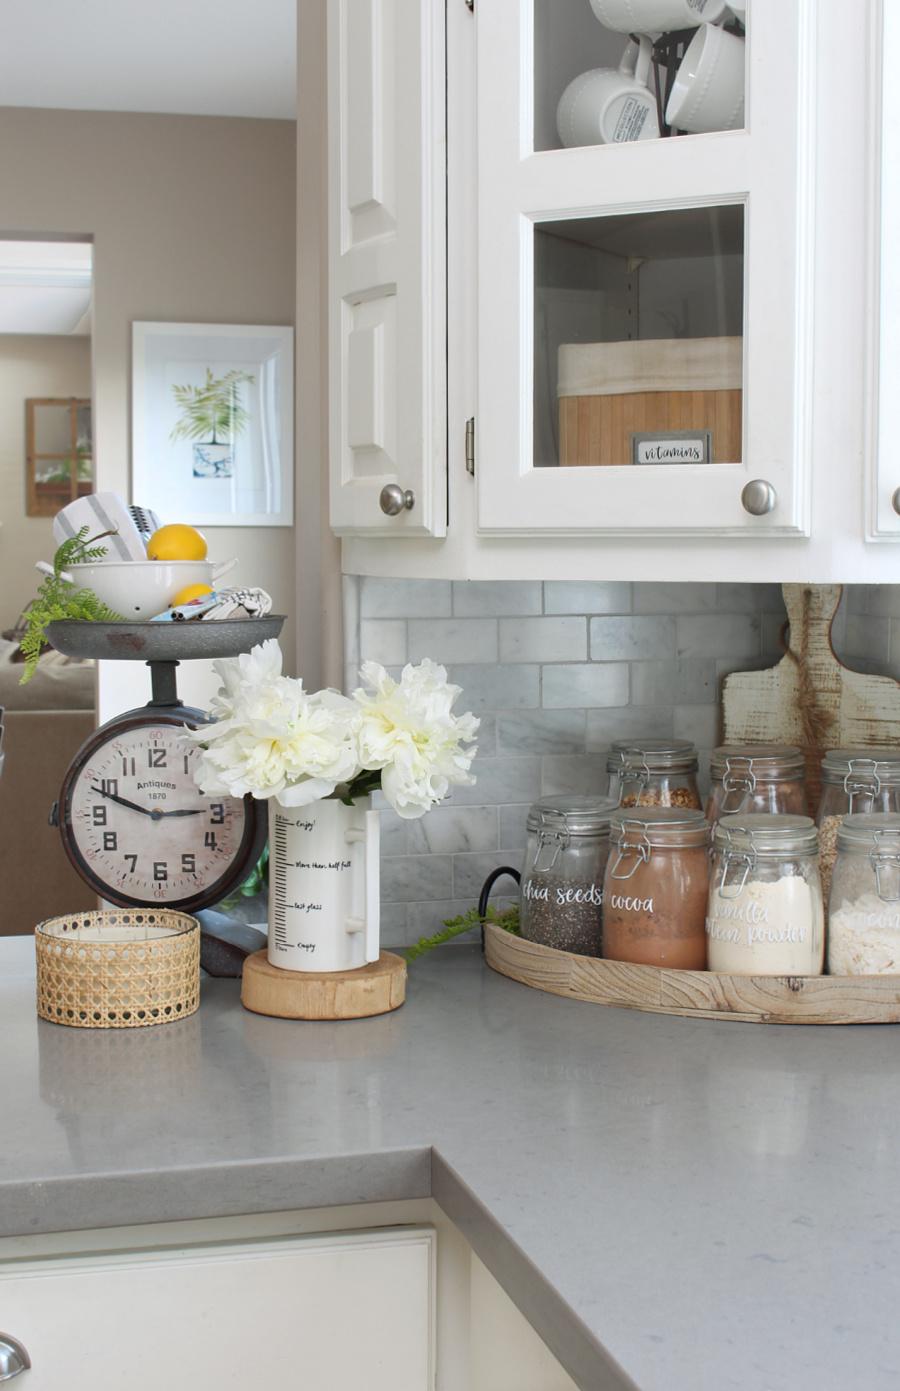 White summer kitchen with smoothie bar.